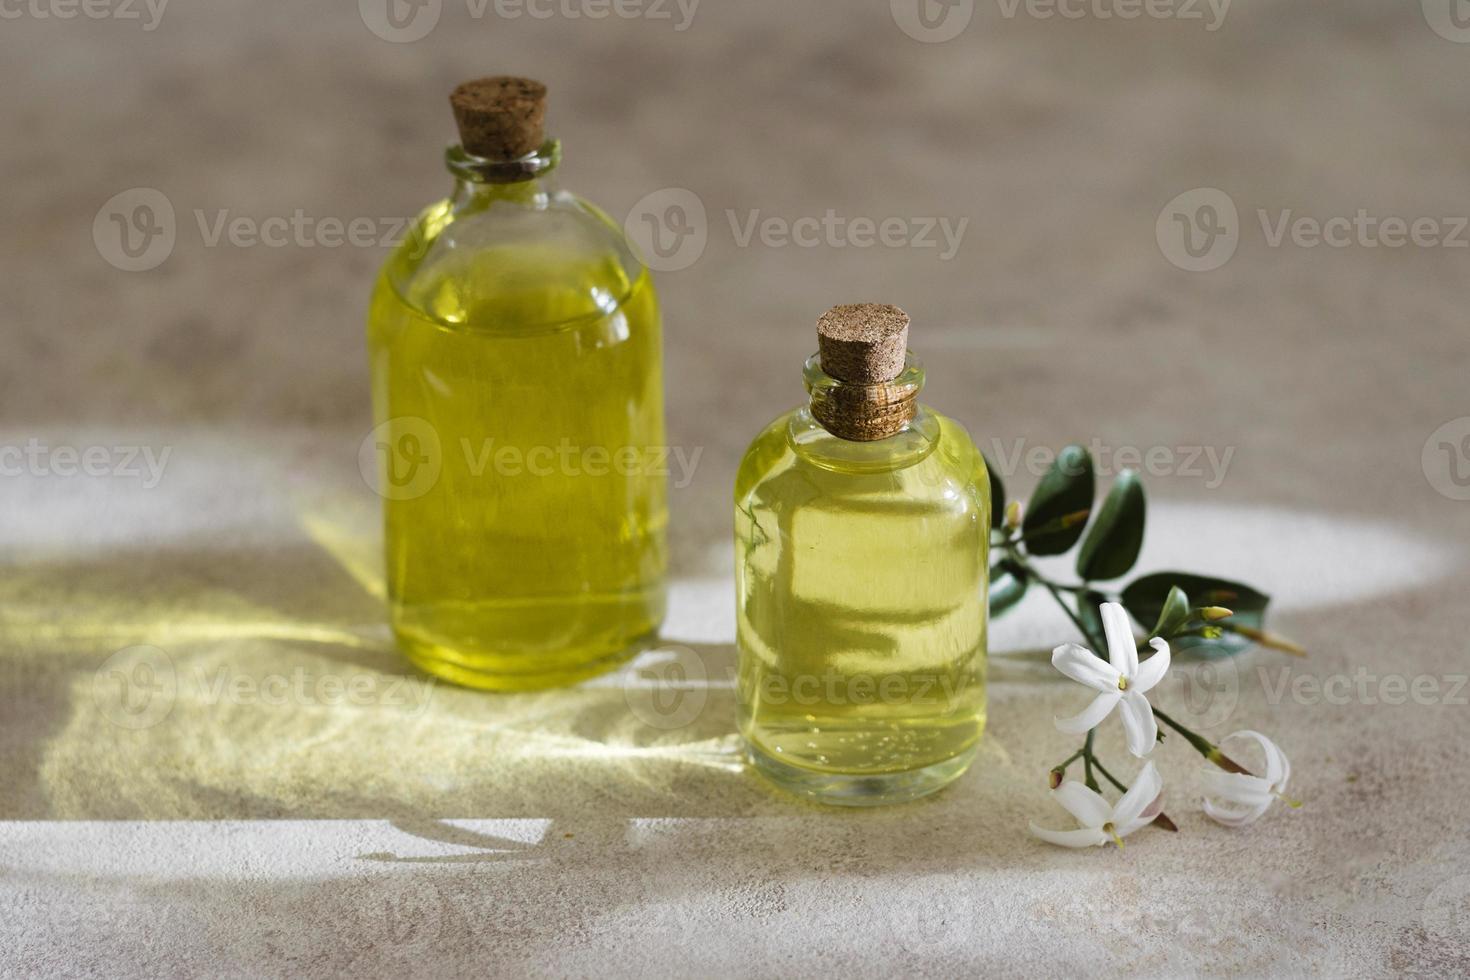 höga synpunkter naturliga olivoljor foto